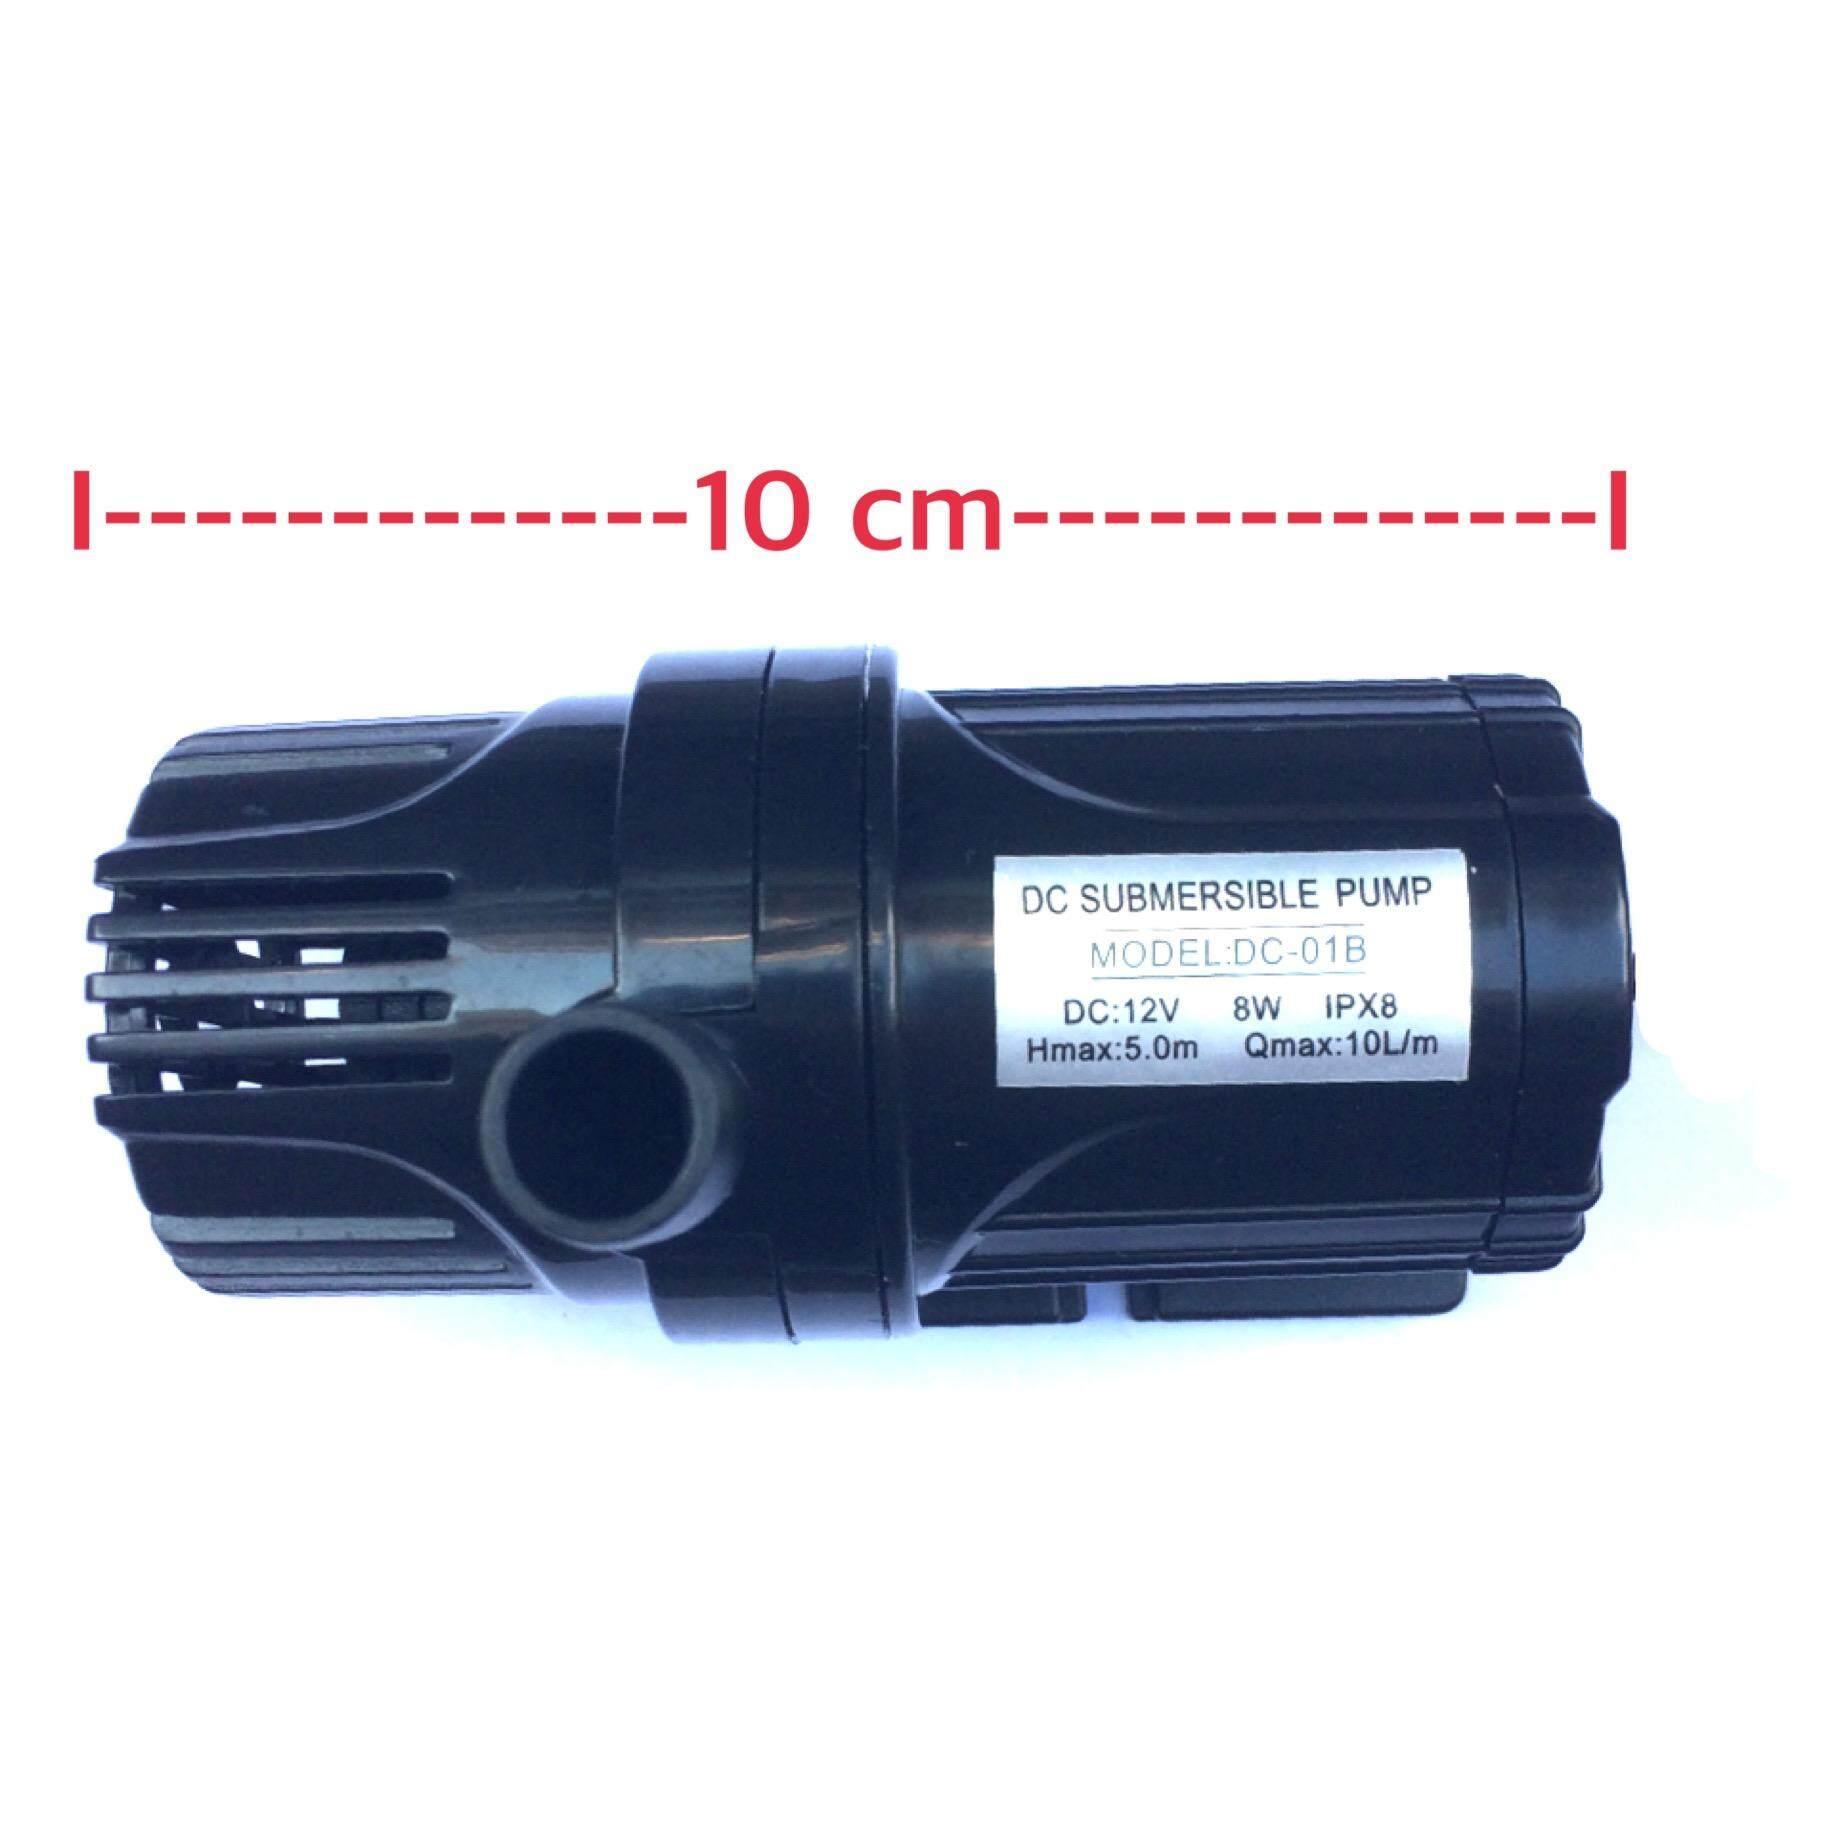 ความคิดเห็น Expert Group ปั้มน้ำ Dc 12V Submersible Pump มอเตอร์ปั๊มน้ำ น้ำตก น้ำวน หรือสำหรับตู้ปลาขนาดเล็ก คุณภาพดี รุ่น Dc 01B